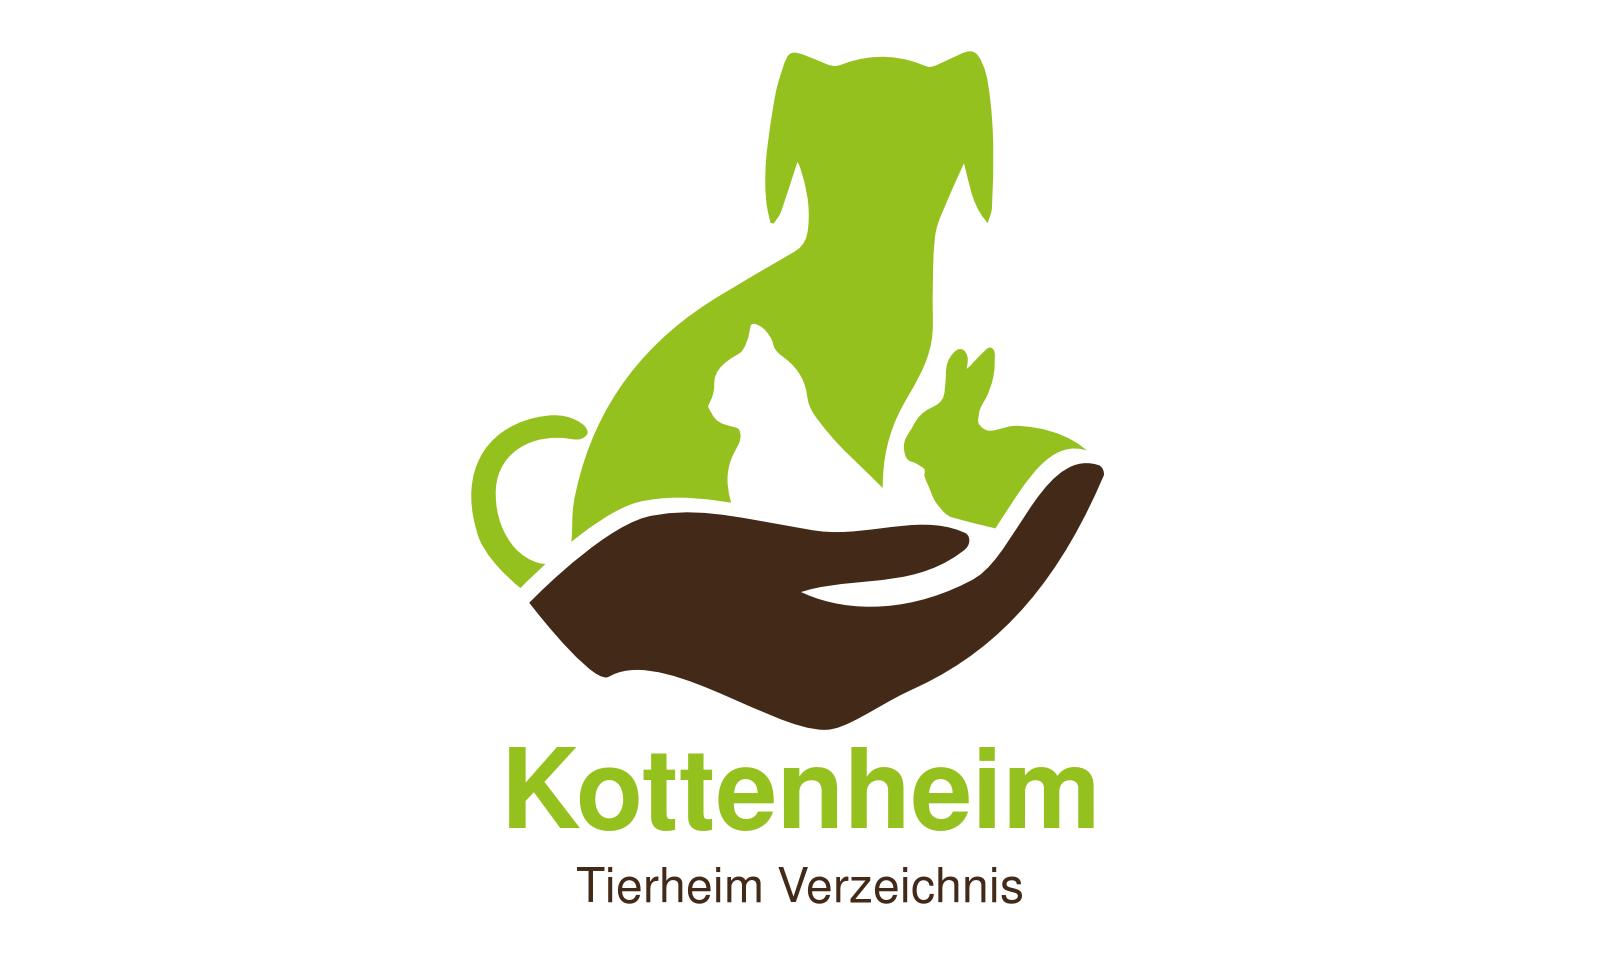 Tierheim Kottenheim